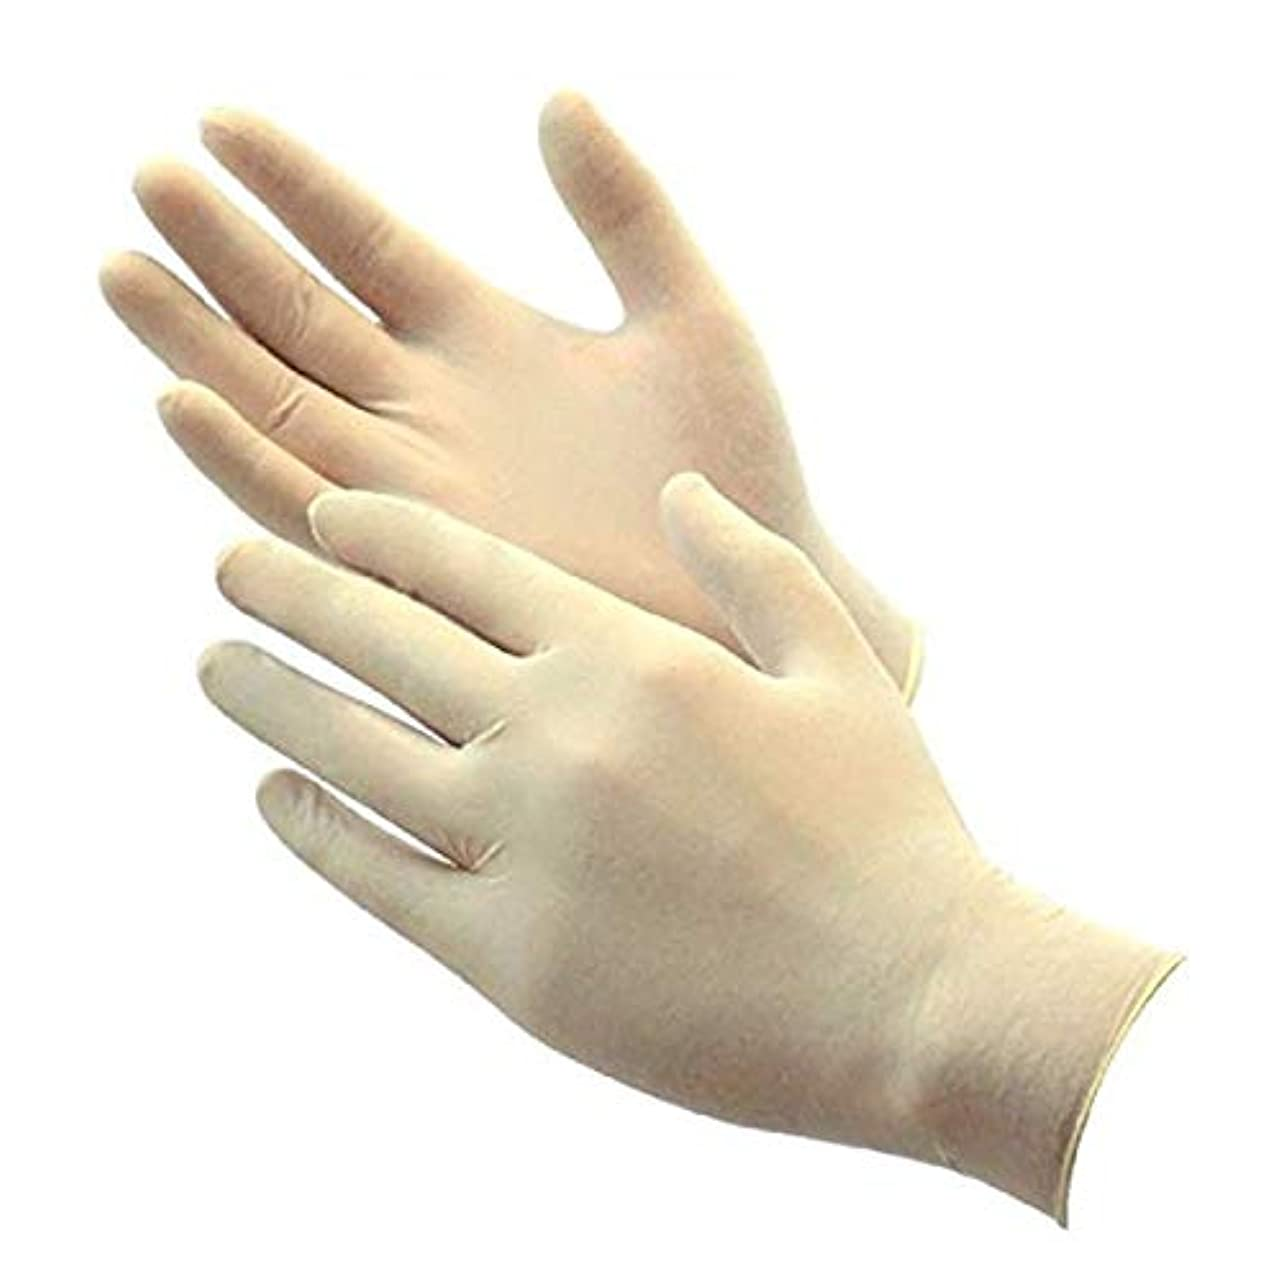 シダ発揮する分泌する高品質ラテックス手袋(クリーンパック)100枚入り (L)